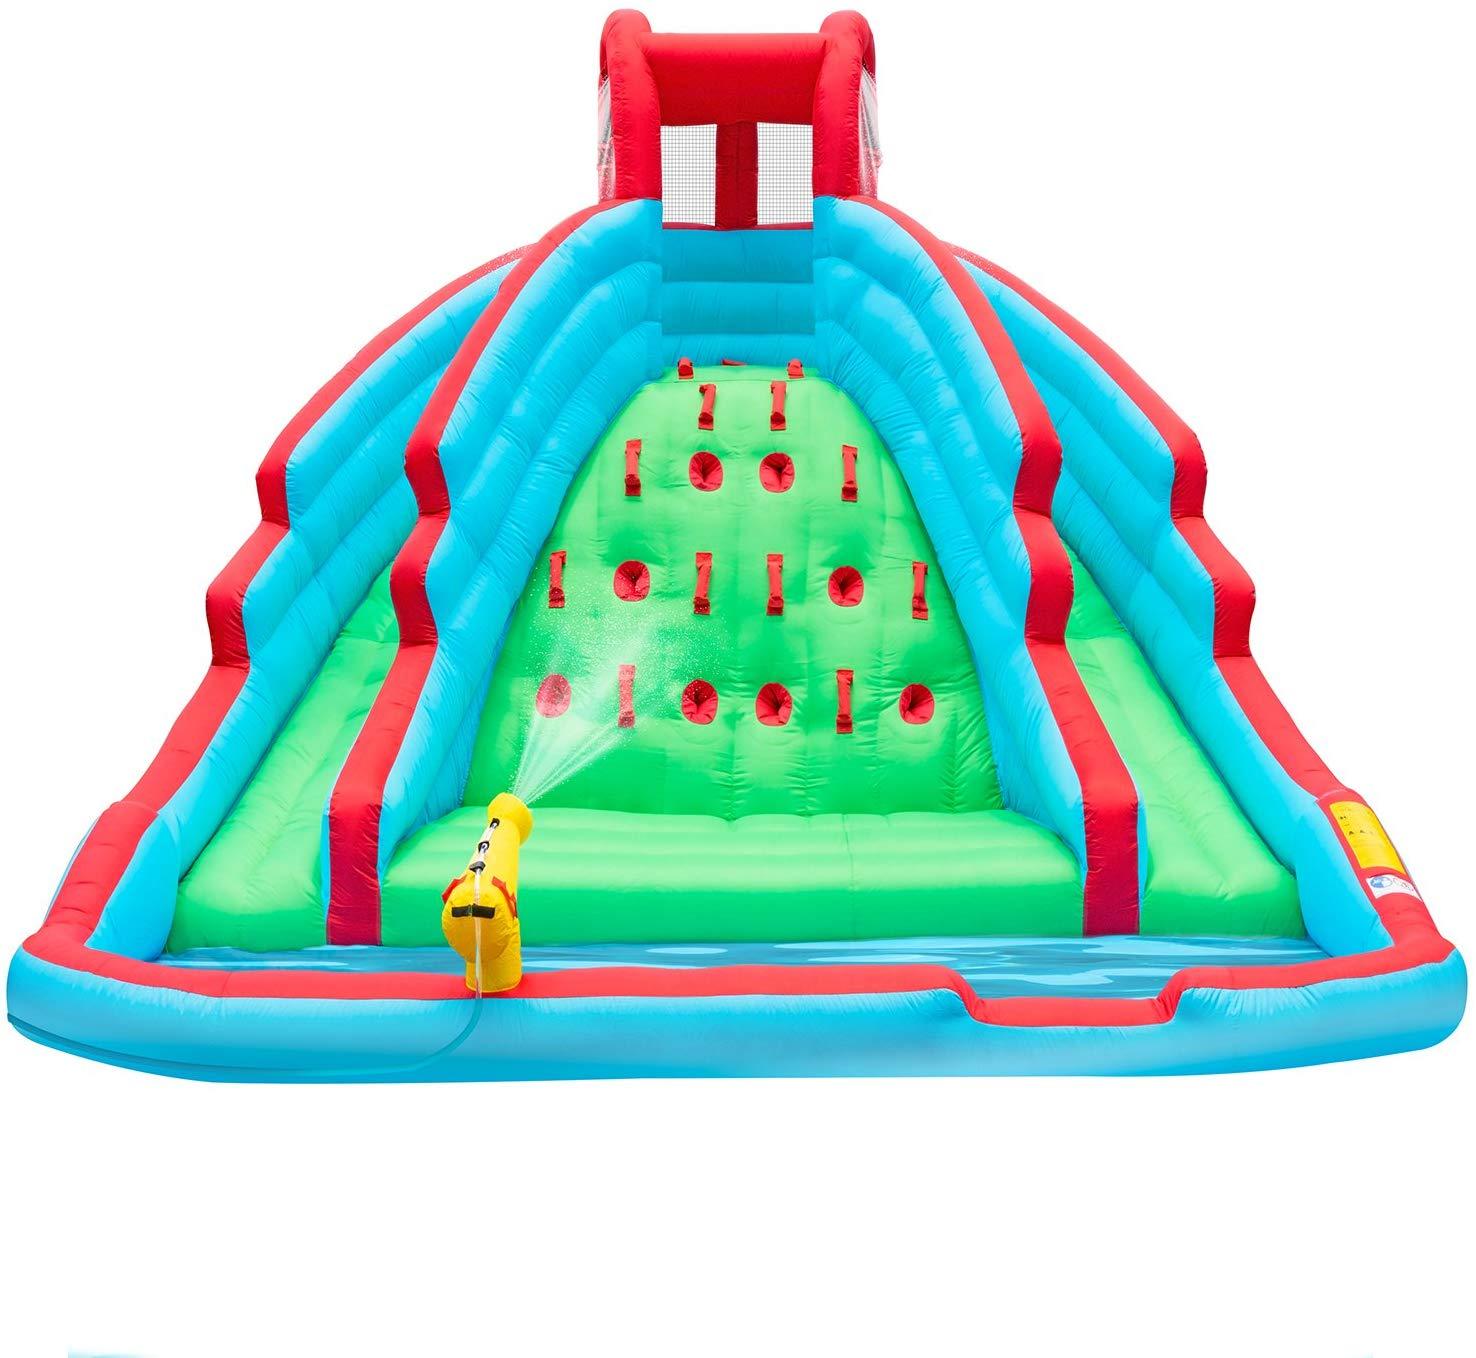 Sunny & Fun Deluxe Water Slide